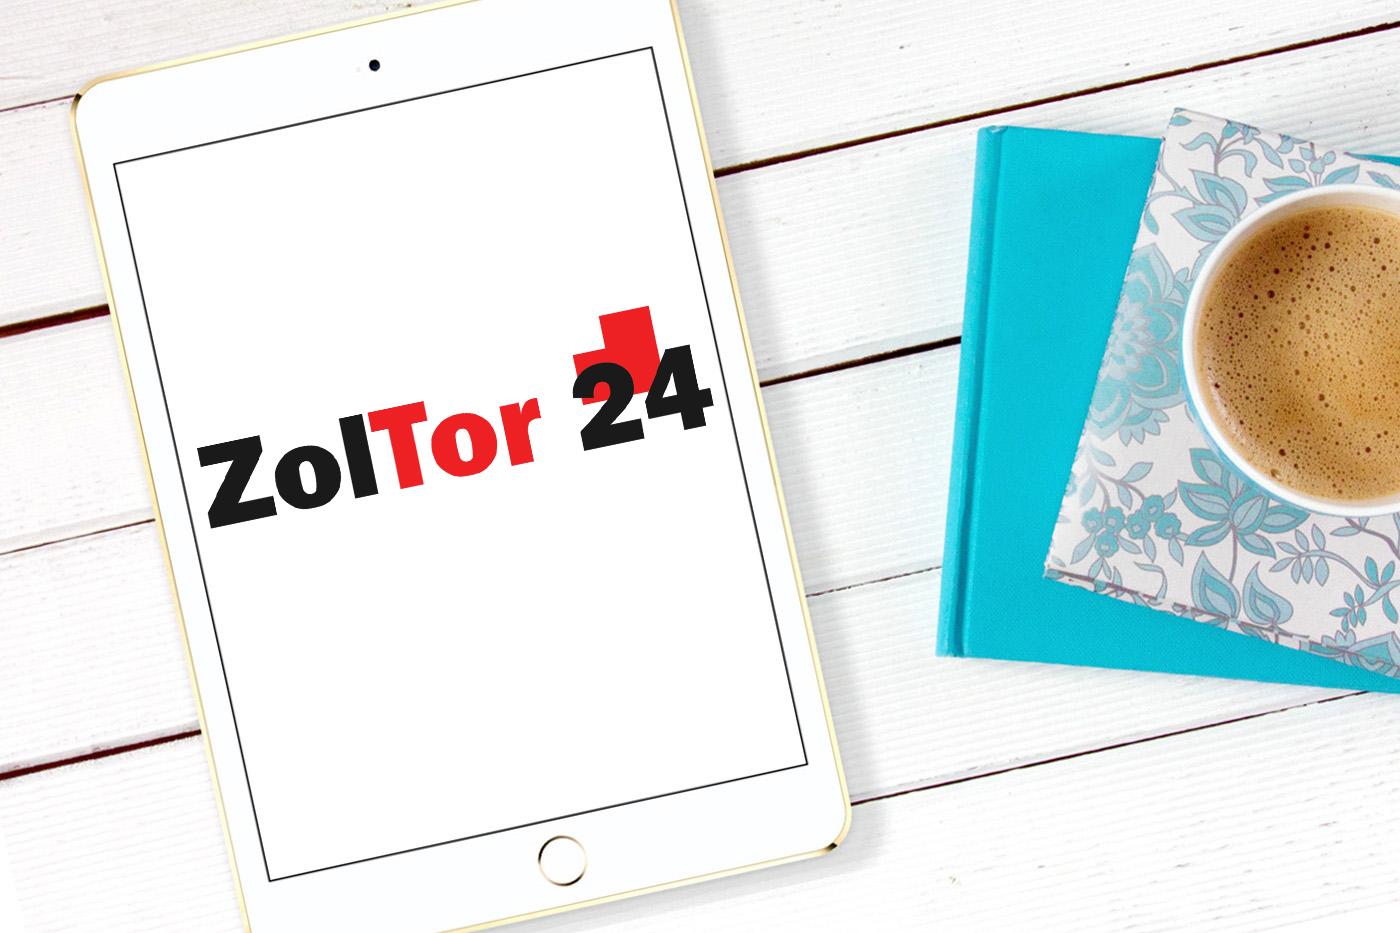 Логотип и фирменный стиль ZolTor24 фото f_9385c89231c5df8c.png